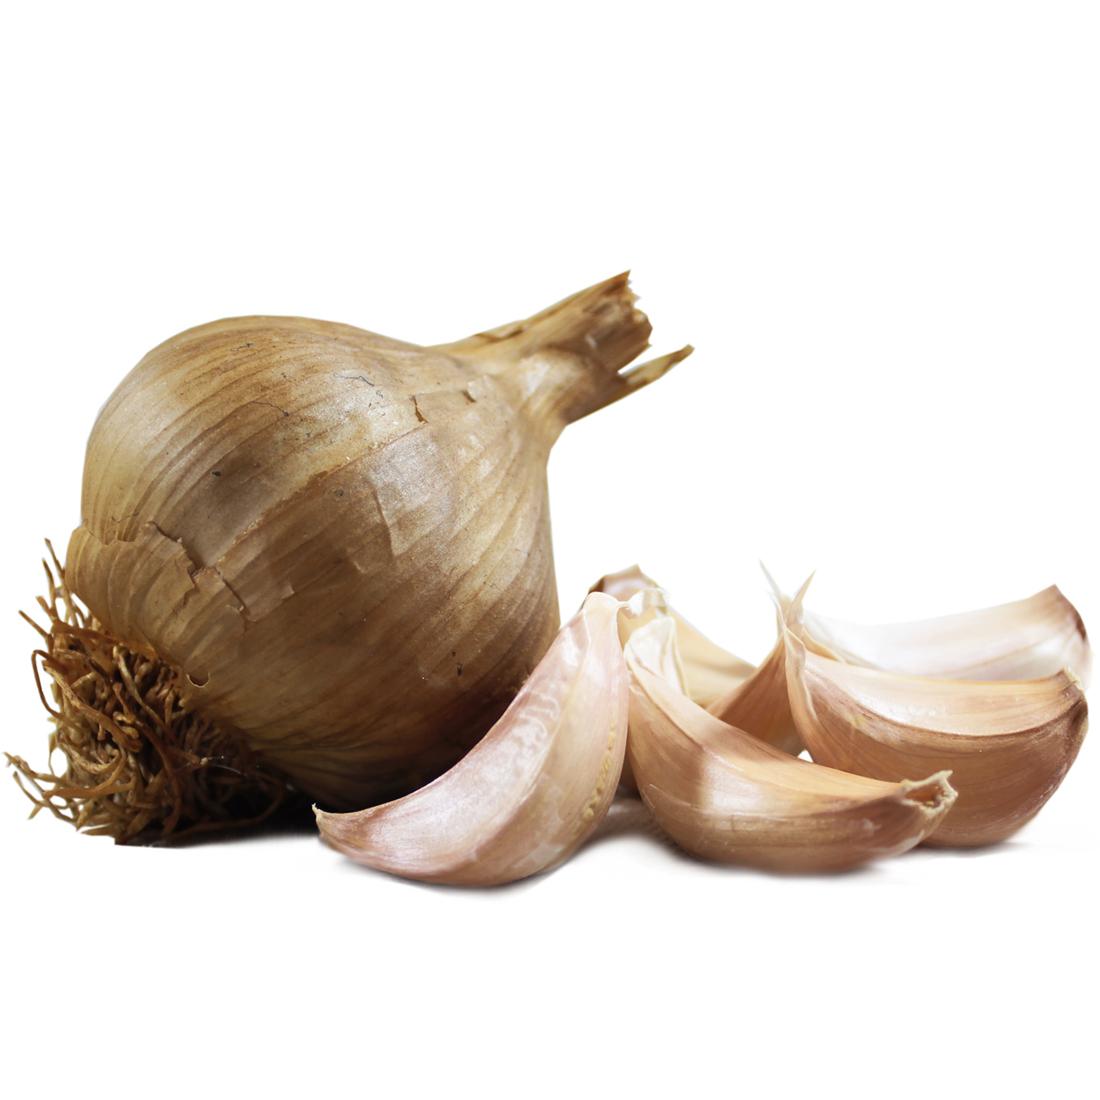 Smoked Garlic Large Bulbs The Garlic Farm Uk Isle Of Wight